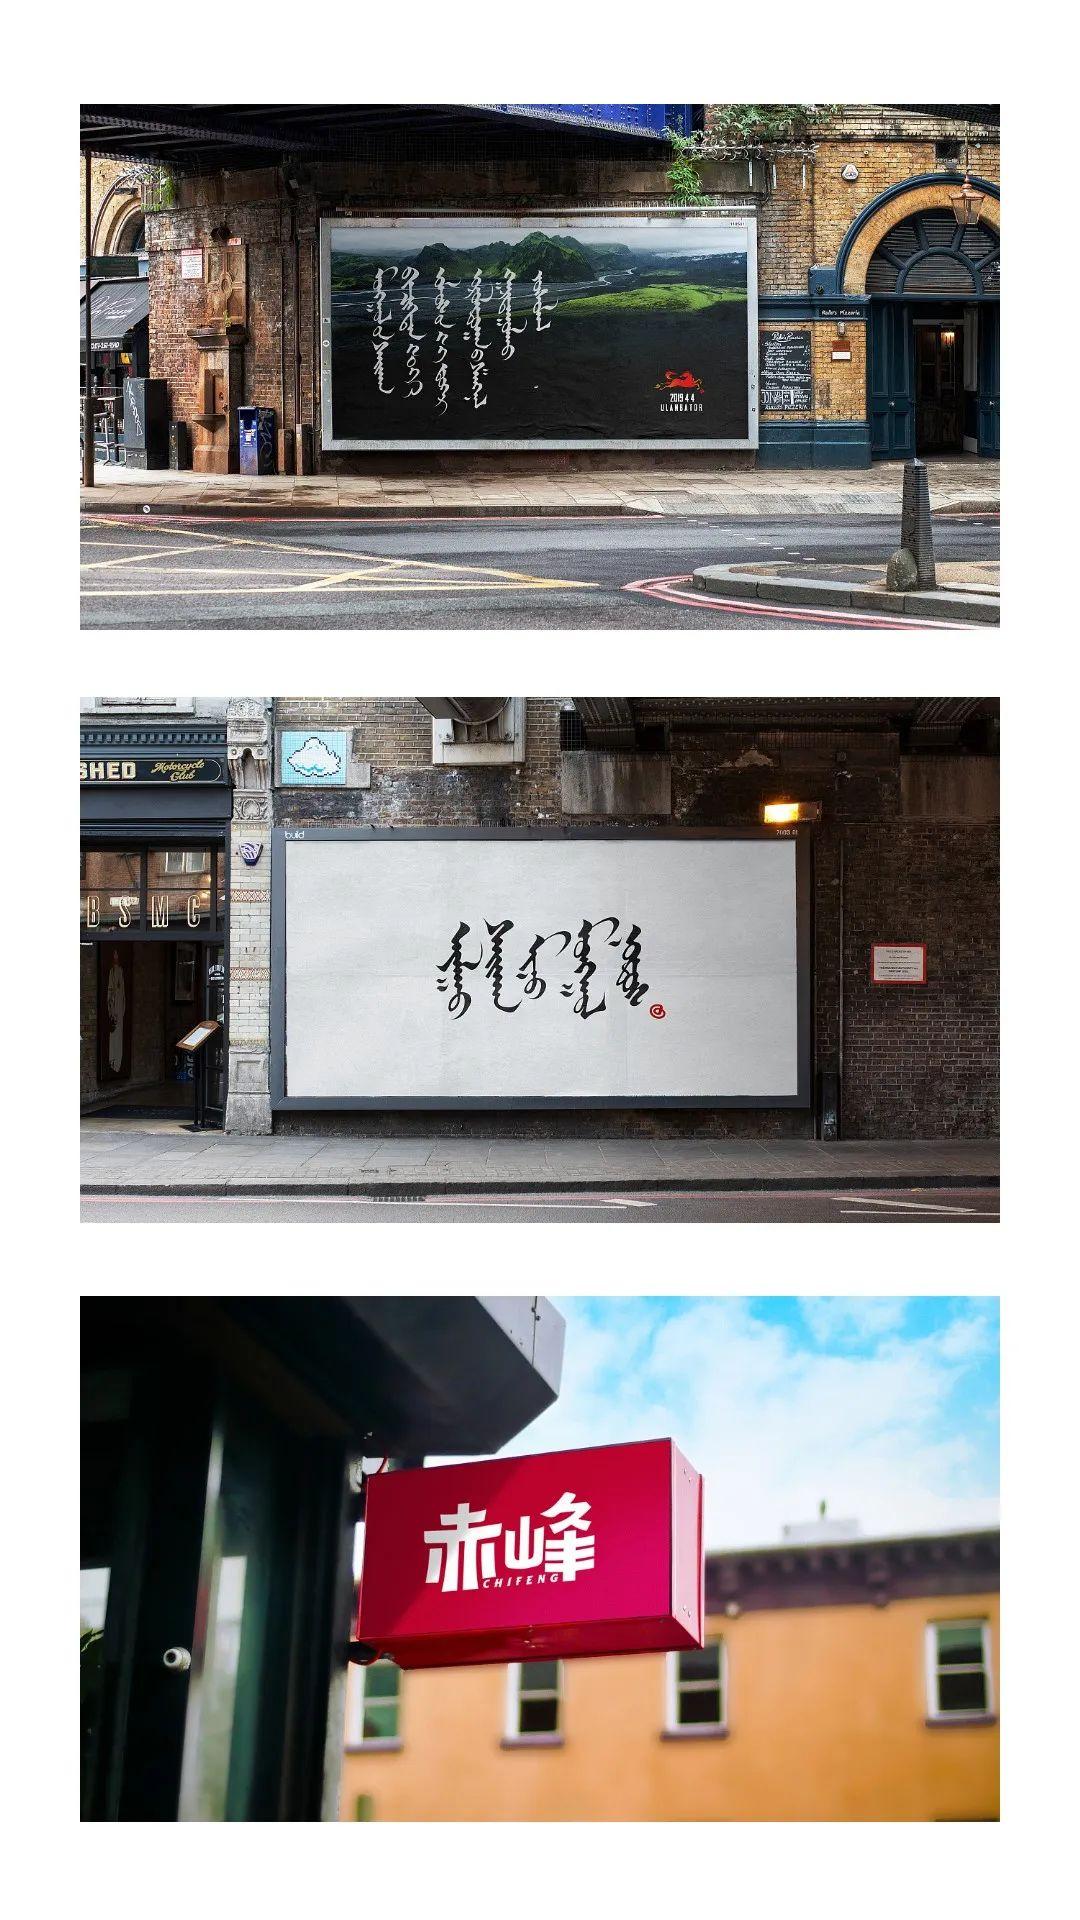 超赞的蒙元素设计-看完马上收藏 #Hotoch-Design#设计案例 第8张